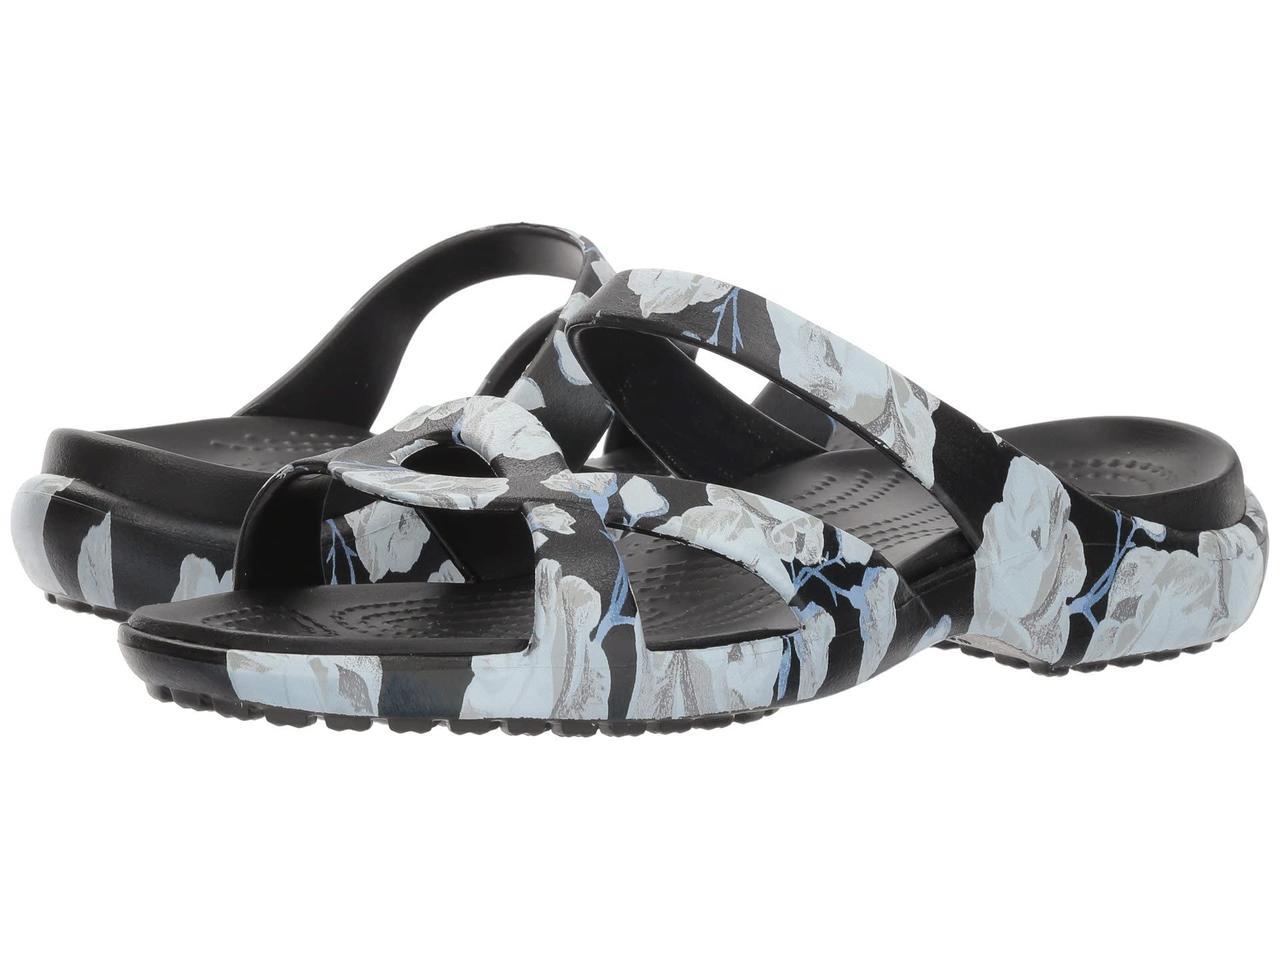 Шлепанцы женские Crocs art701125 (Черный/белый, размер 42-43)